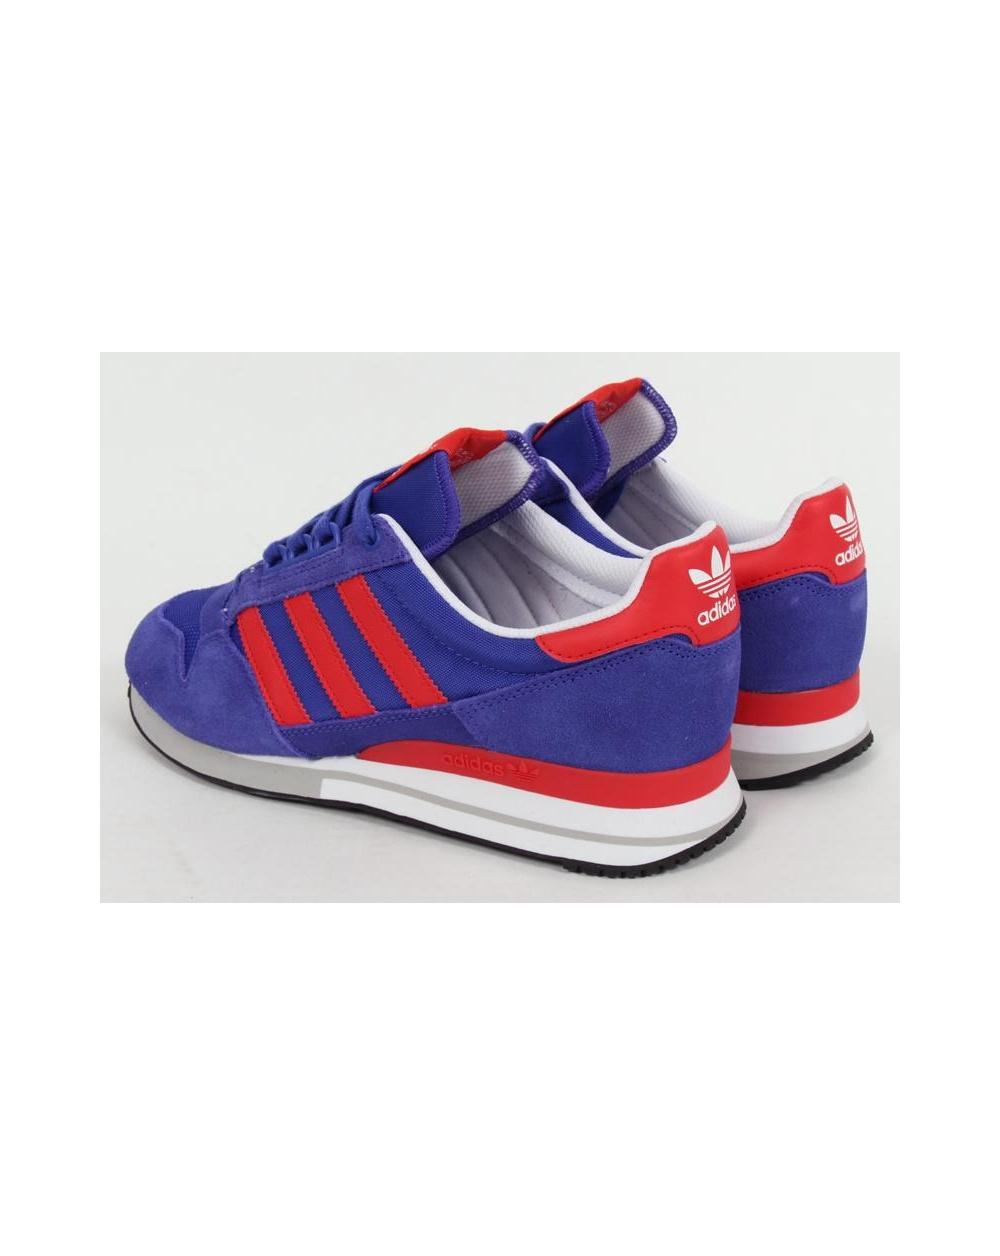 Adidas Originals Tandis Que Zx 500 Et Formateurs Rouges U0cNa26